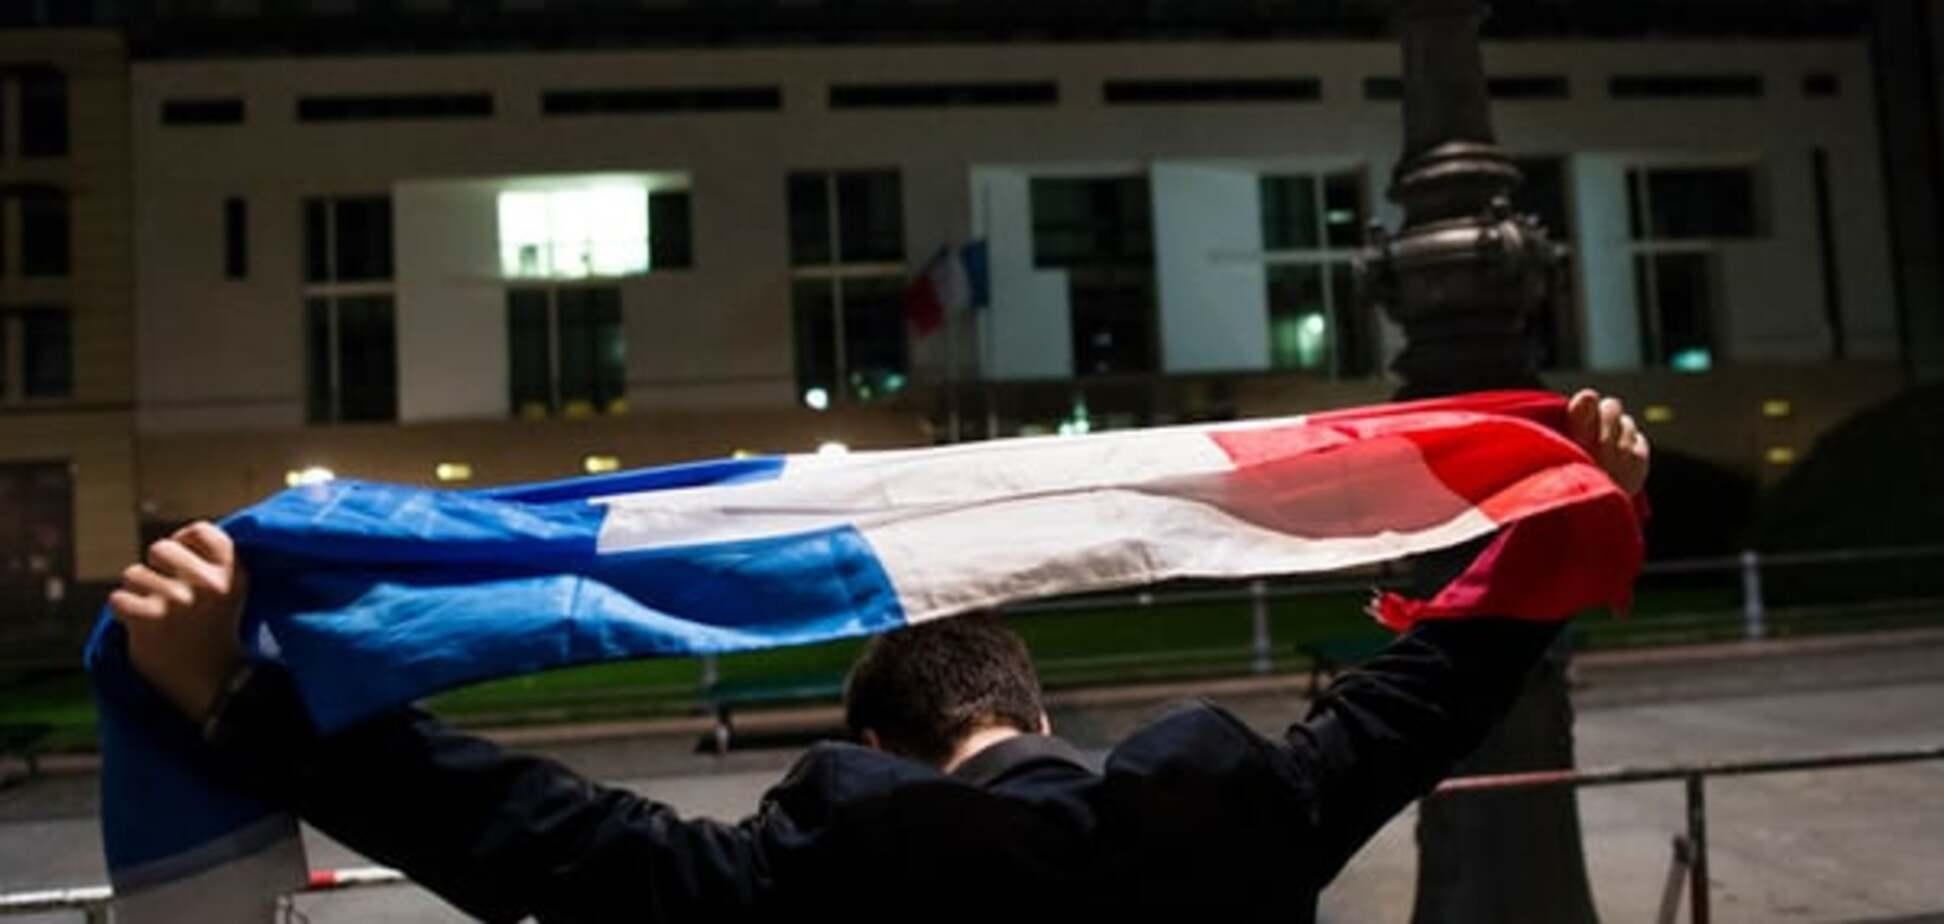 Теракти в Парижі: стрільба по натовпу і армія в місті -всі подробиці